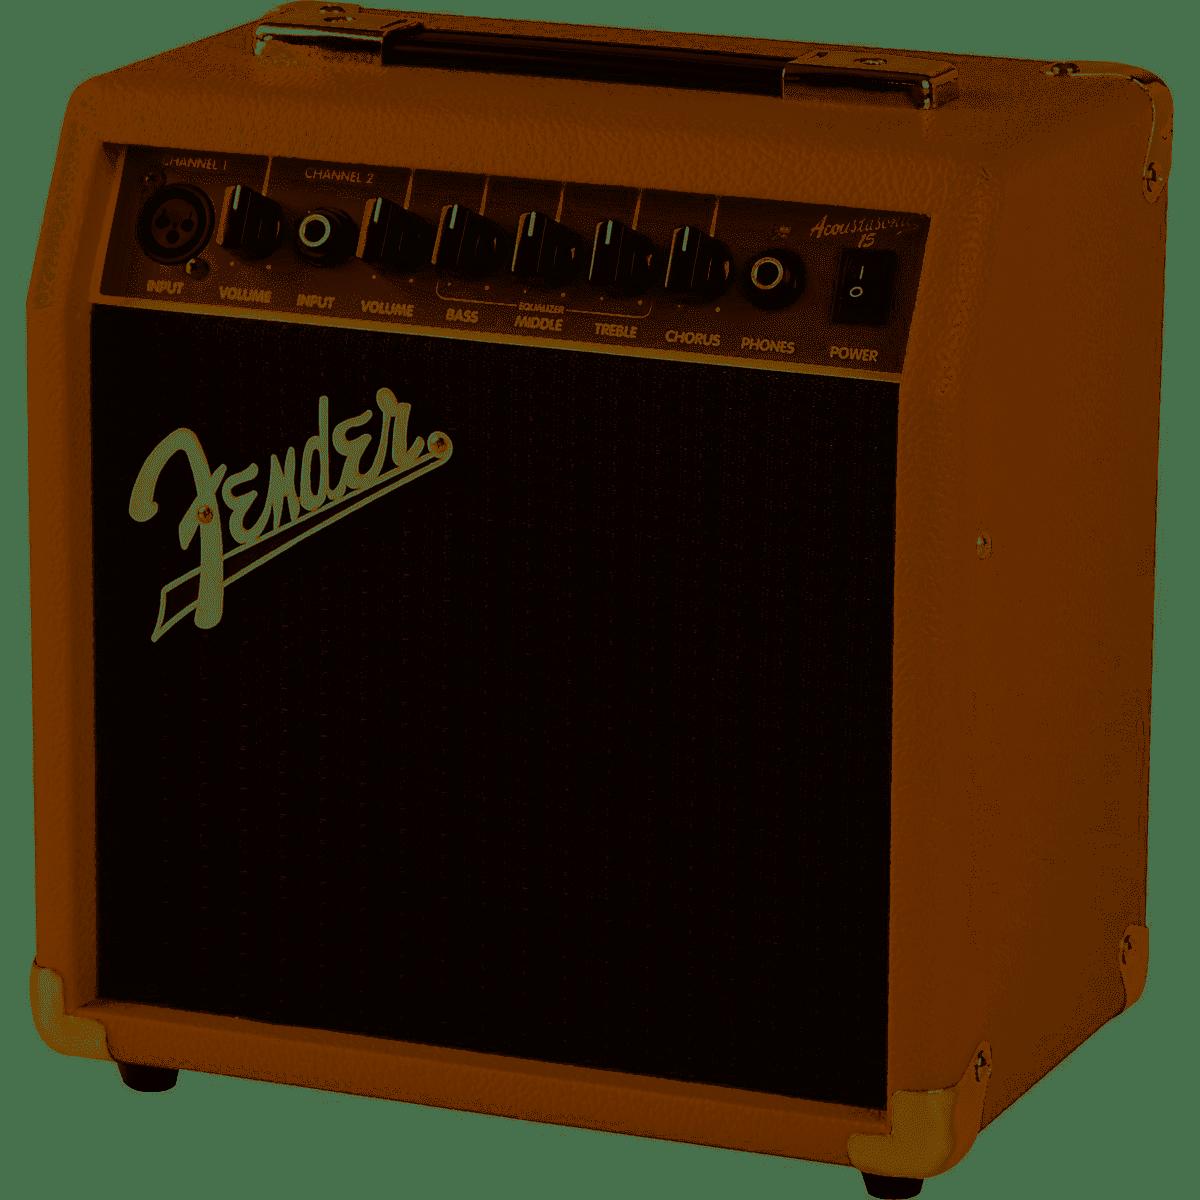 Fender Acoustasonic 15w Guitar Amp Review